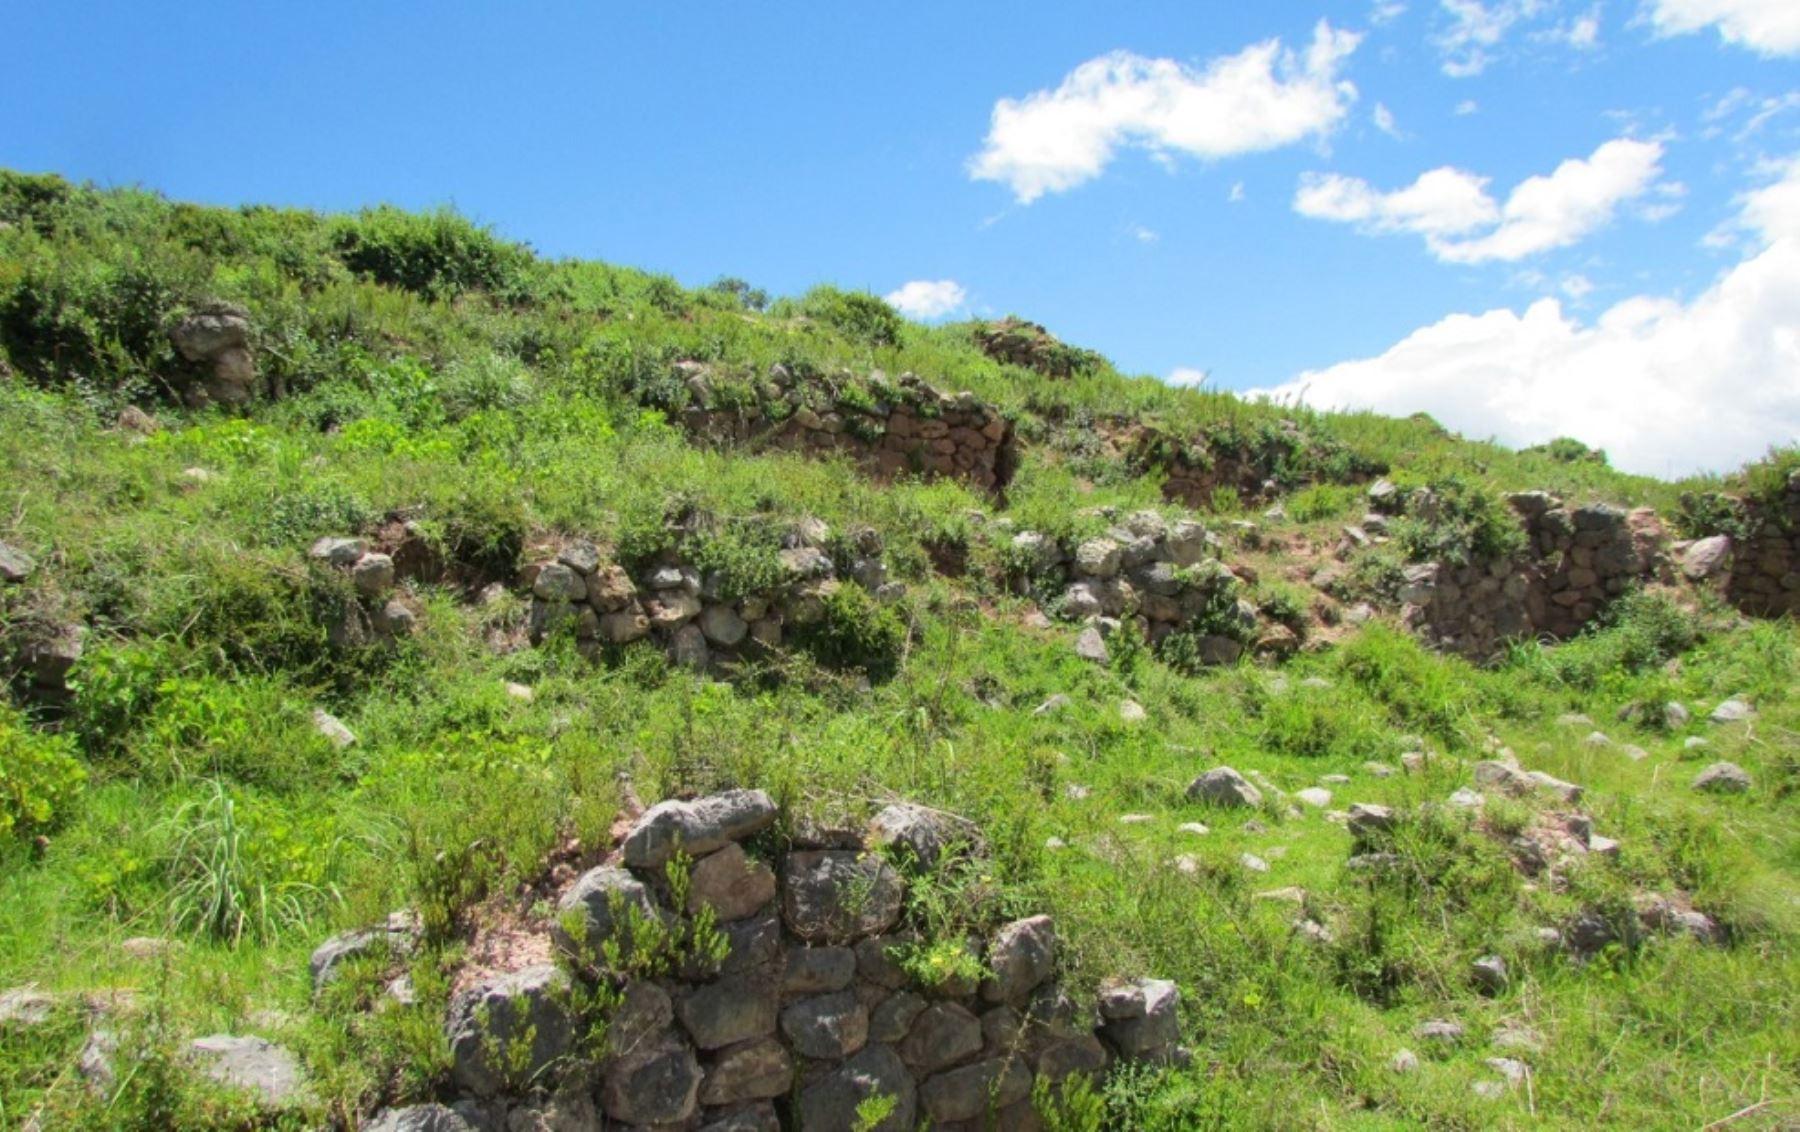 """El Ministerio de Cultura declaró hoy como Patrimonio Cultural de la Nación al monumento arqueológico prehispánico """"Waynaqolqa"""", en la clasificación de """"Paisaje Arqueológico"""", el cual se ubica en el distrito de Huayllabamba, provincia de Urubamba, en la región de Cusco."""